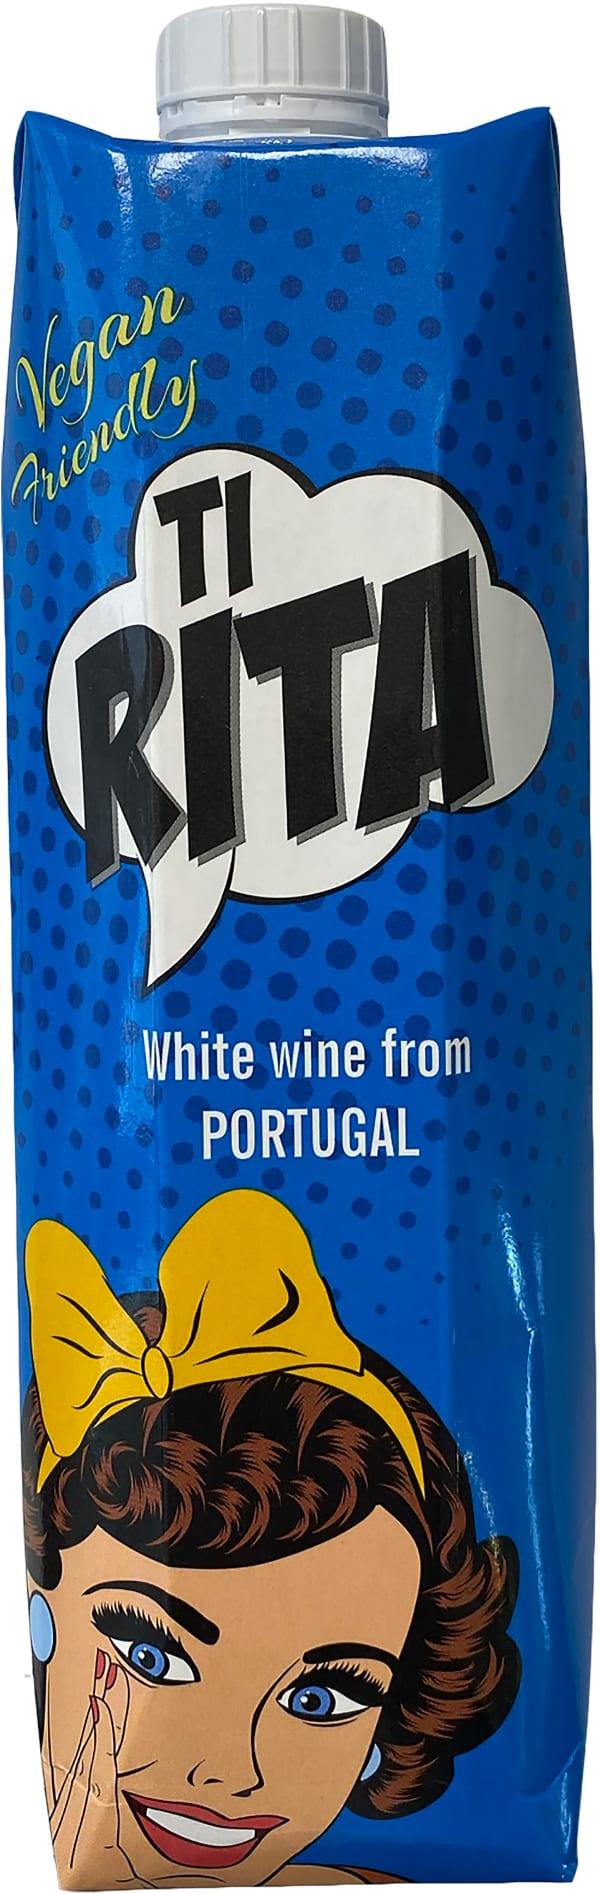 Ti Rita 2020 carton package